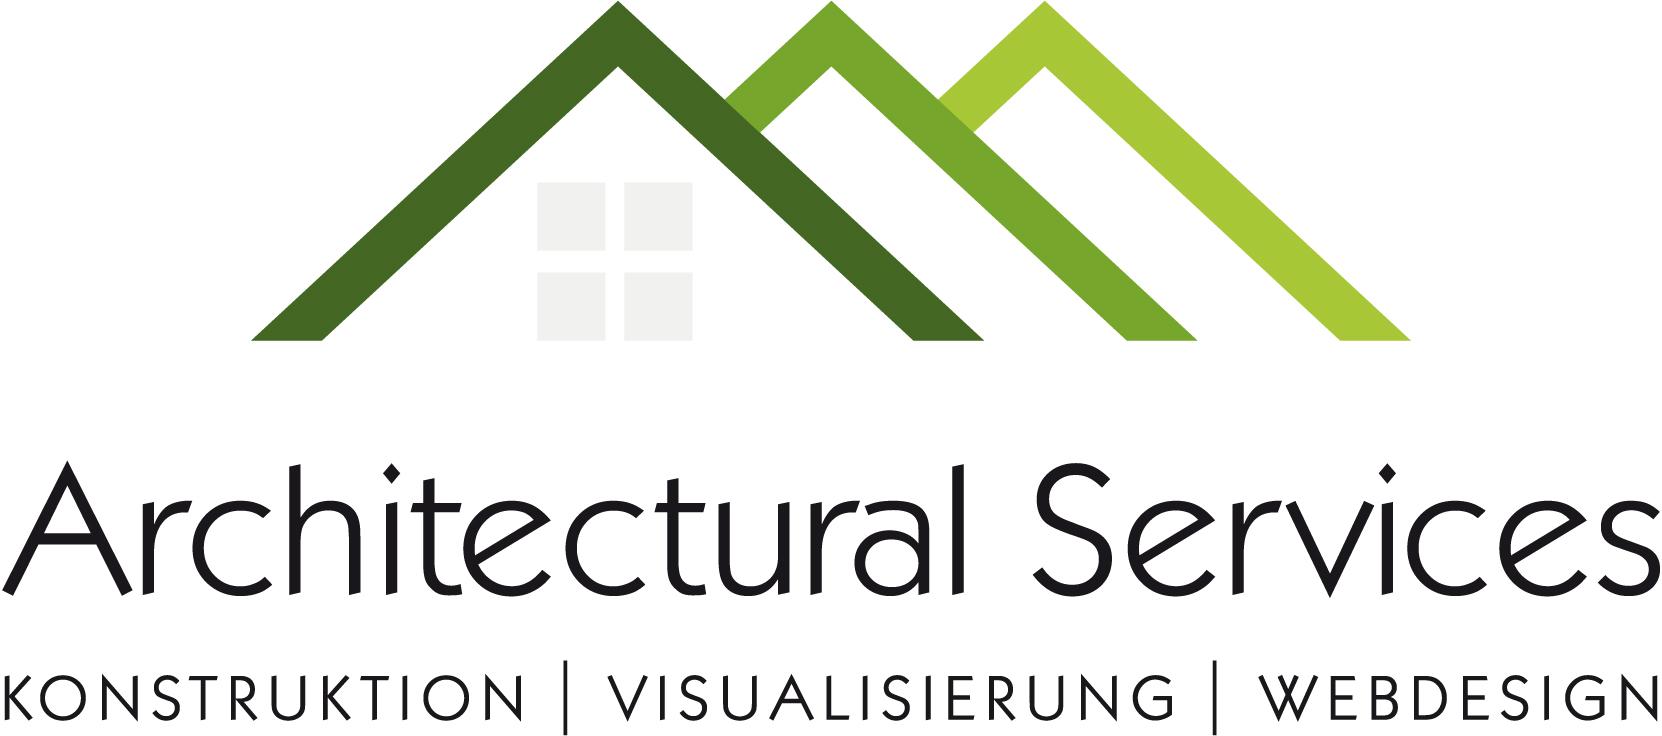 Architectural Services, Bruno Dorigo, Technisches Büro für Bautechnik und Bauplanung